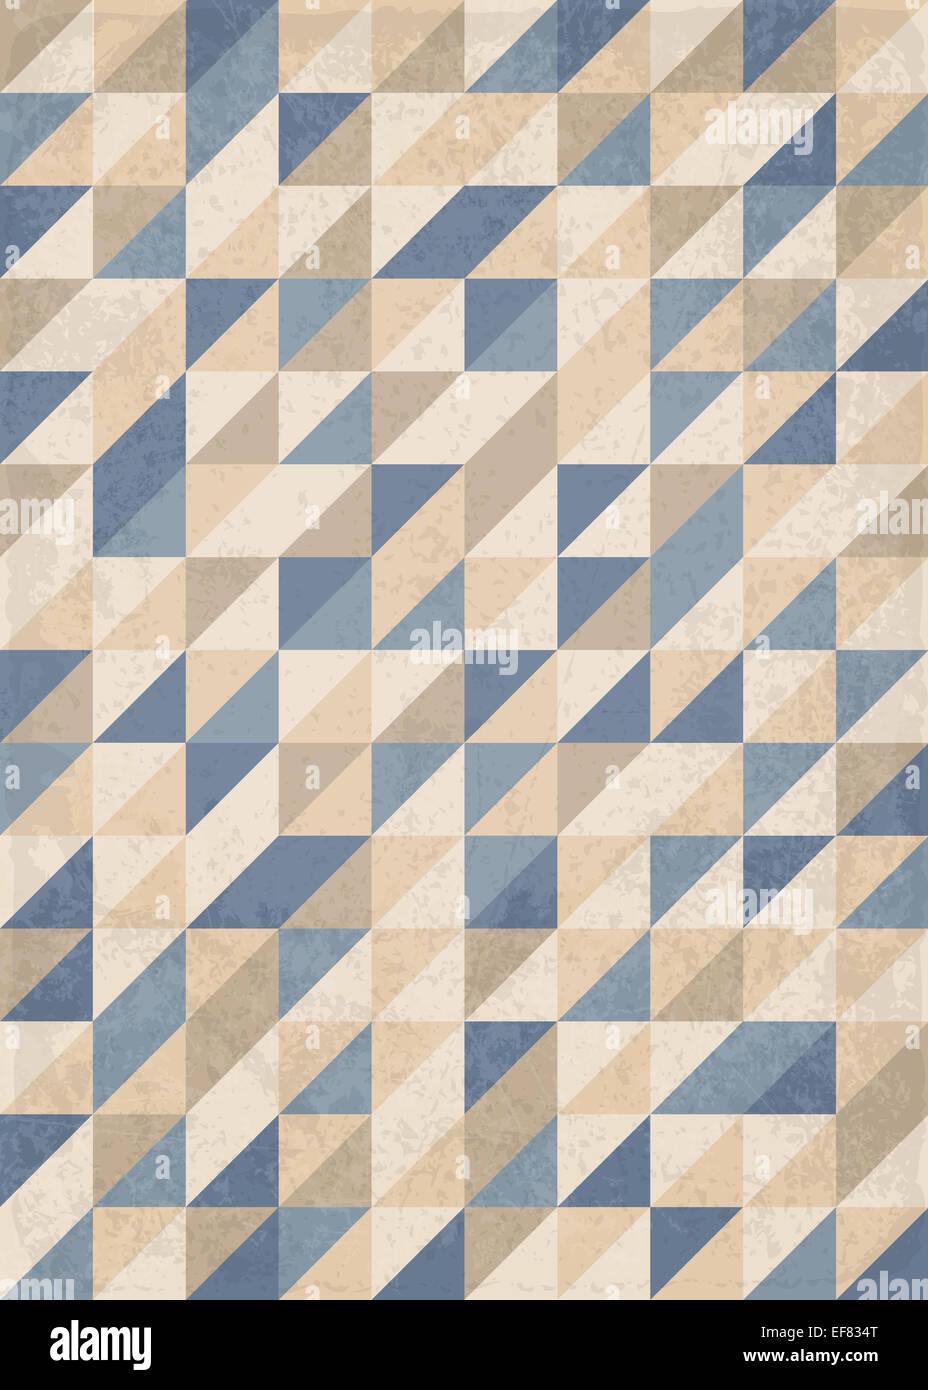 Résumé Contexte géométrique de triangles Photo Stock